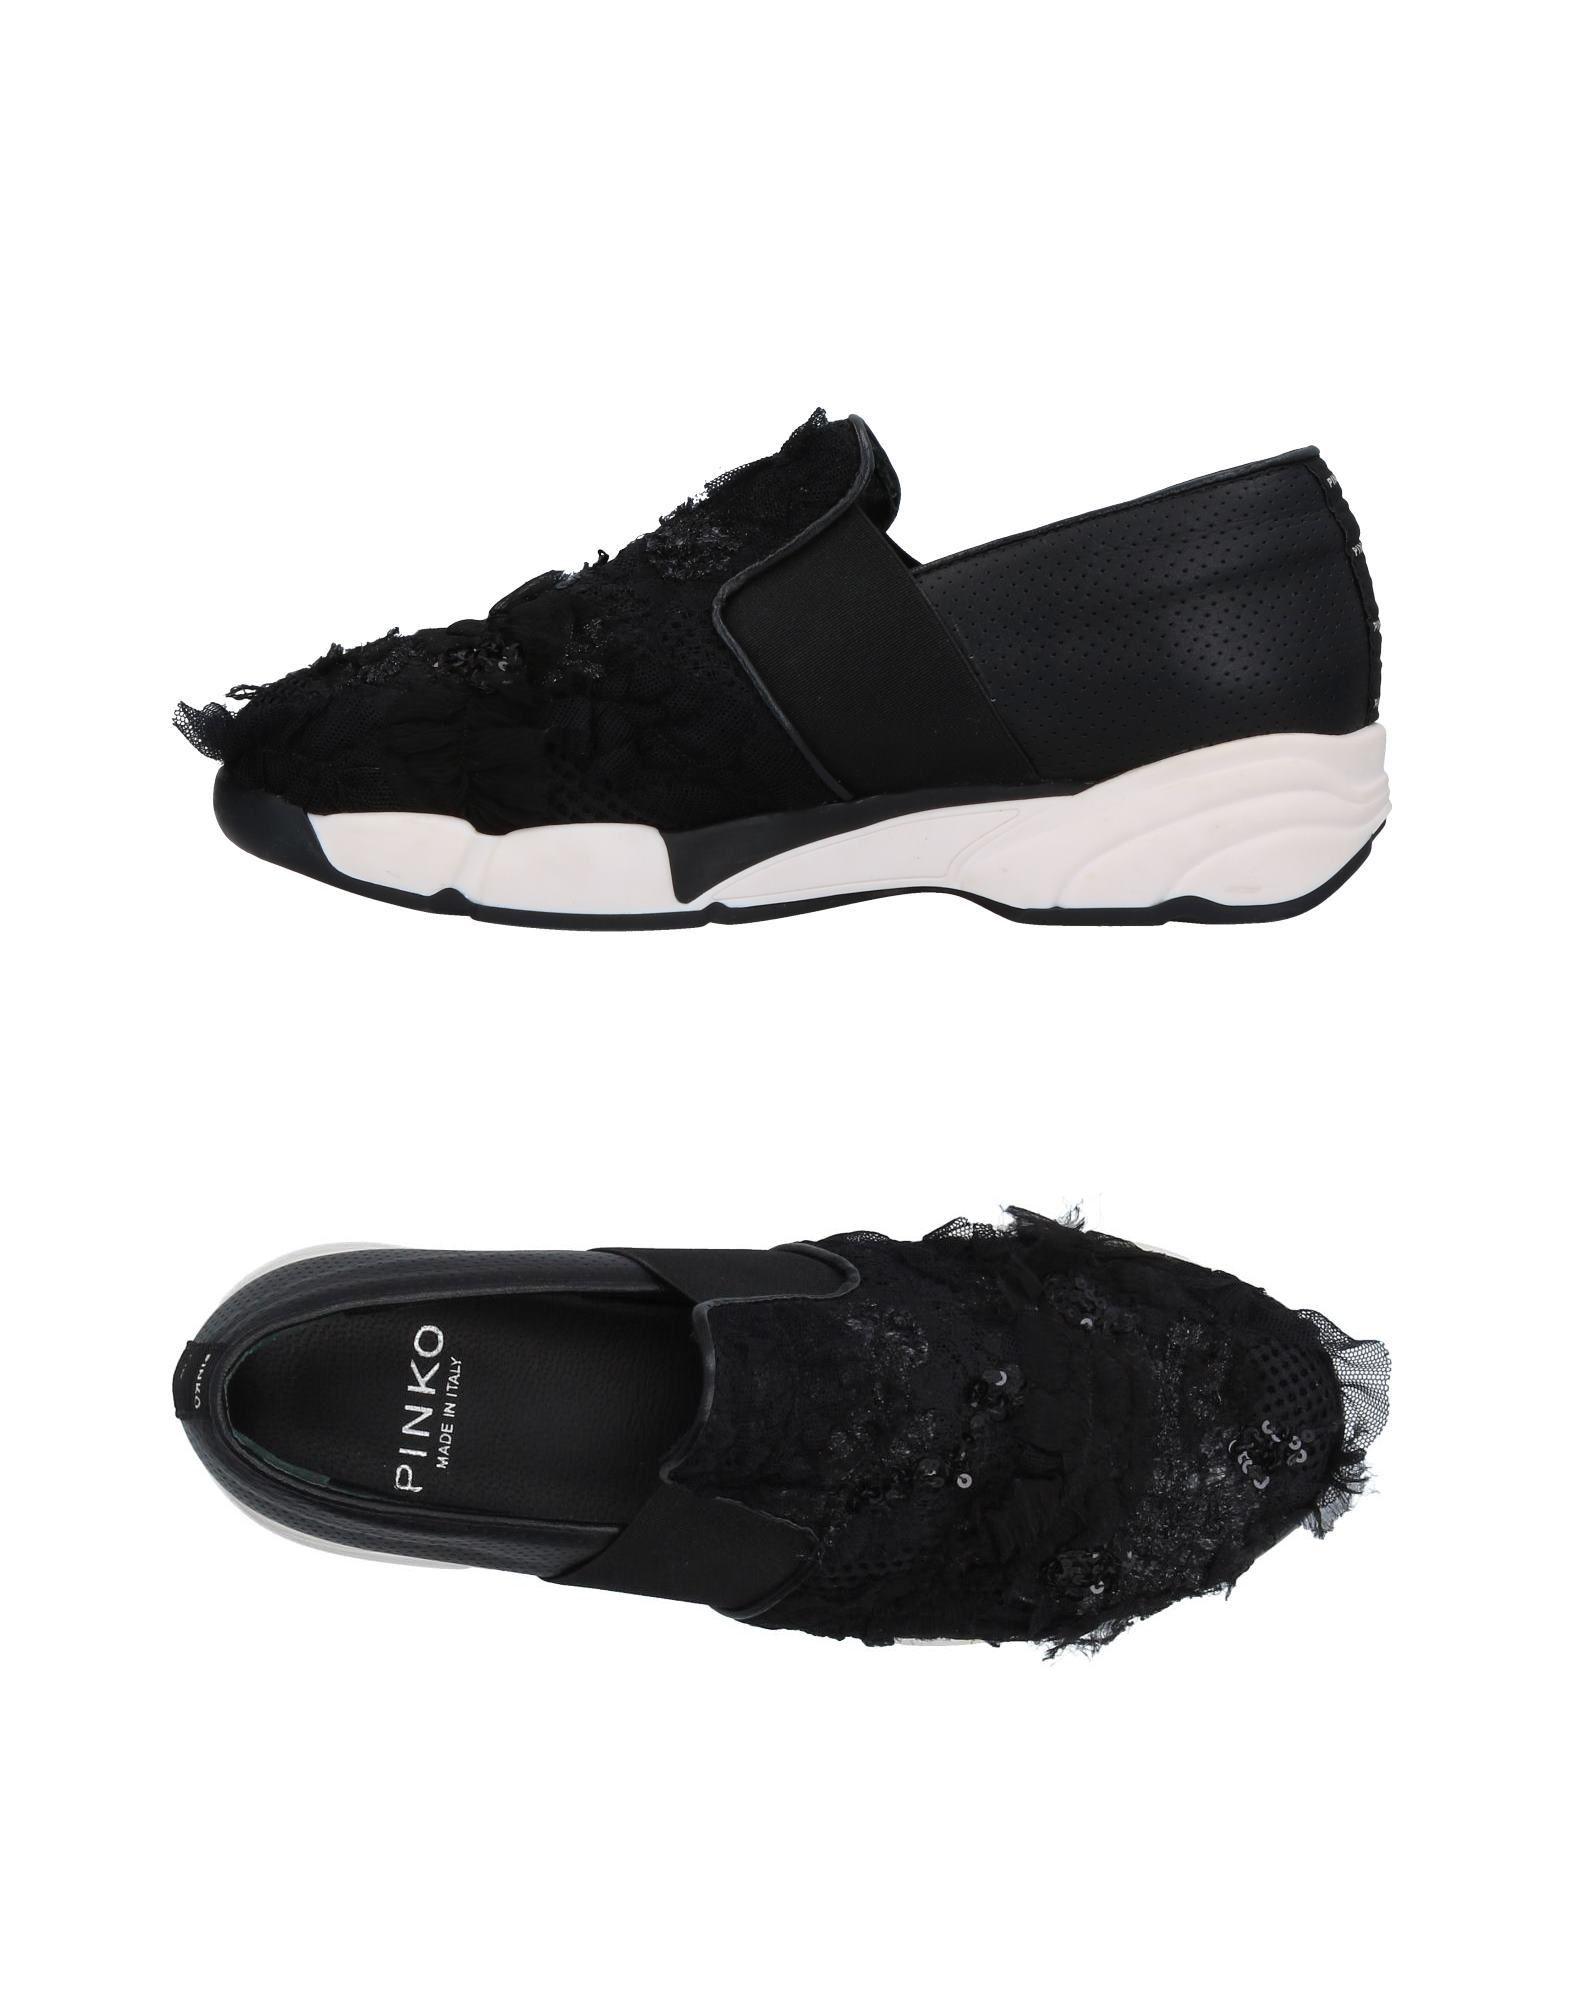 Pinko Sneakers Damen Heiße  11399167BV Heiße Damen Schuhe f64005